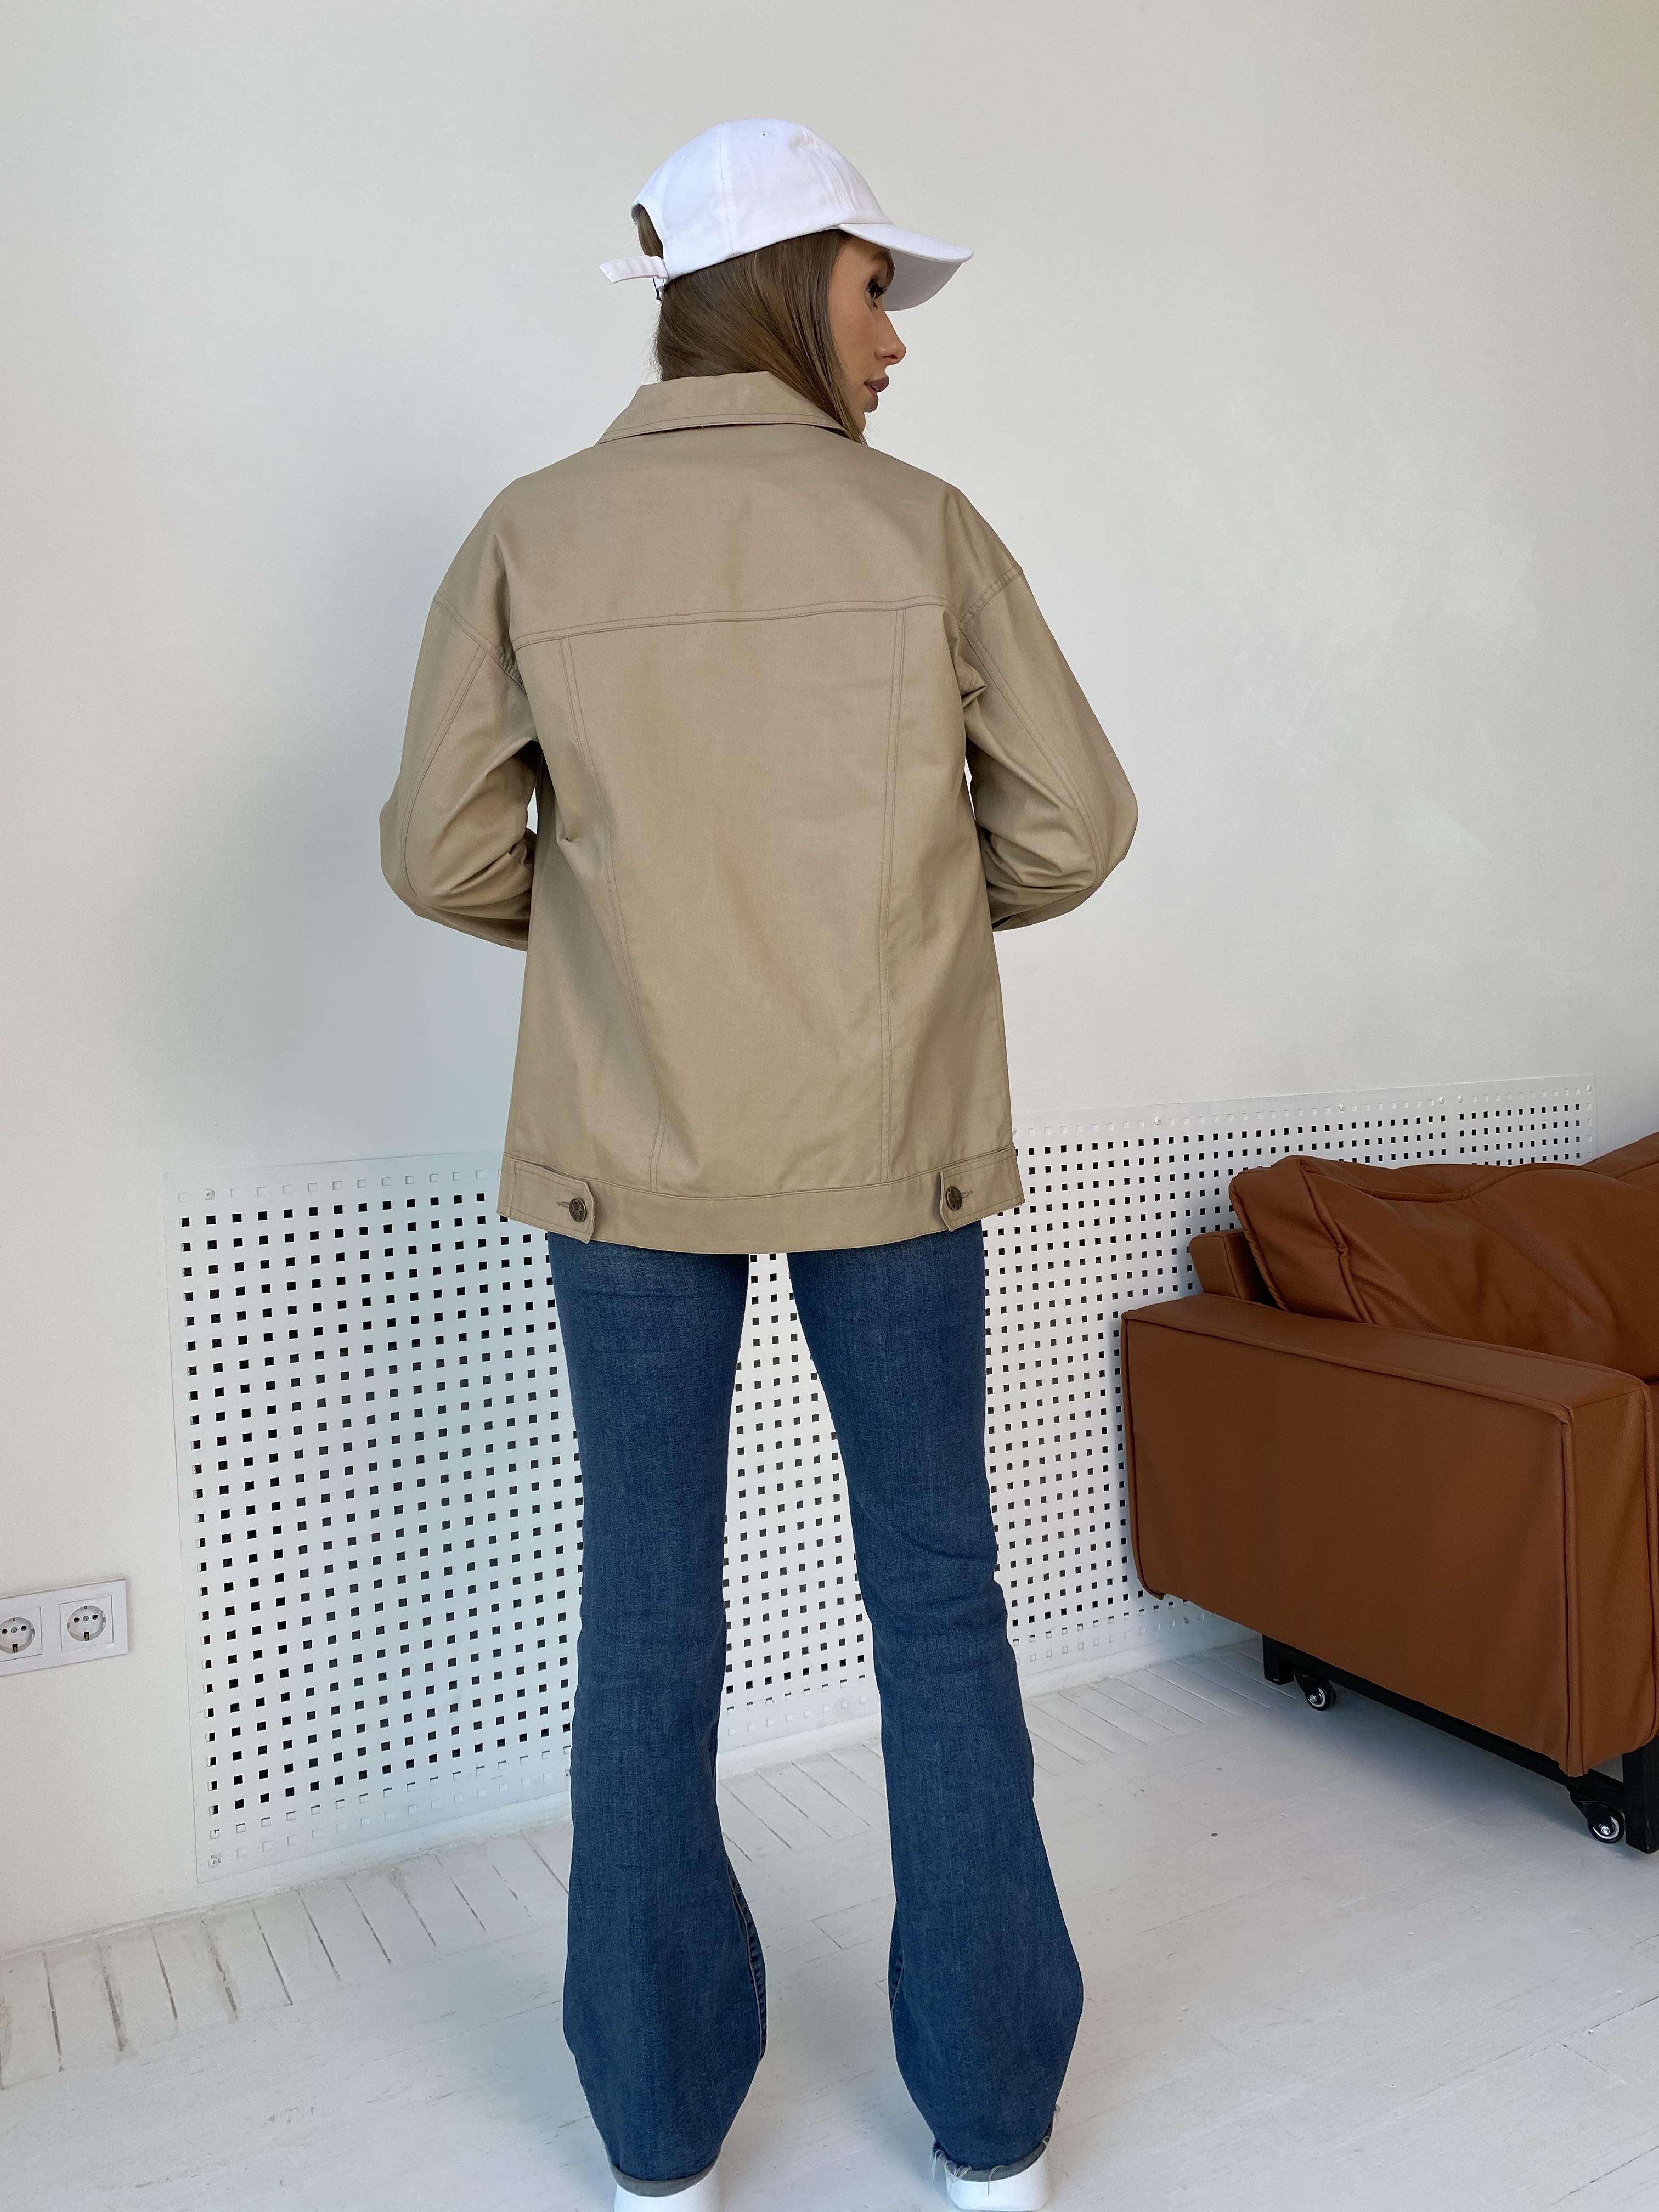 Жакет Релпей 9263 АРТ. 45599 Цвет: Бежевый - фото 12, интернет магазин tm-modus.ru